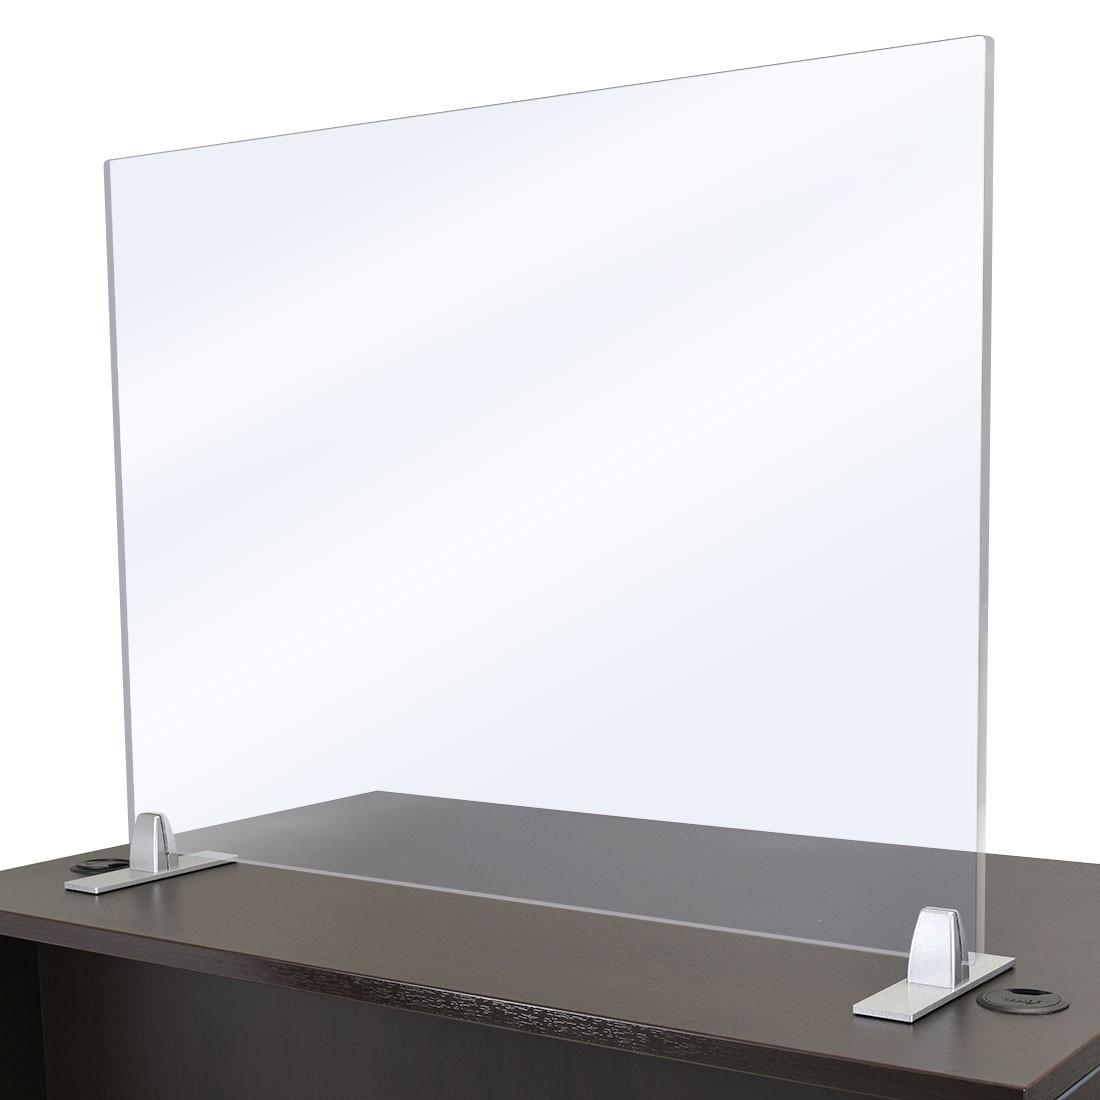 Acrylic Panel Bases